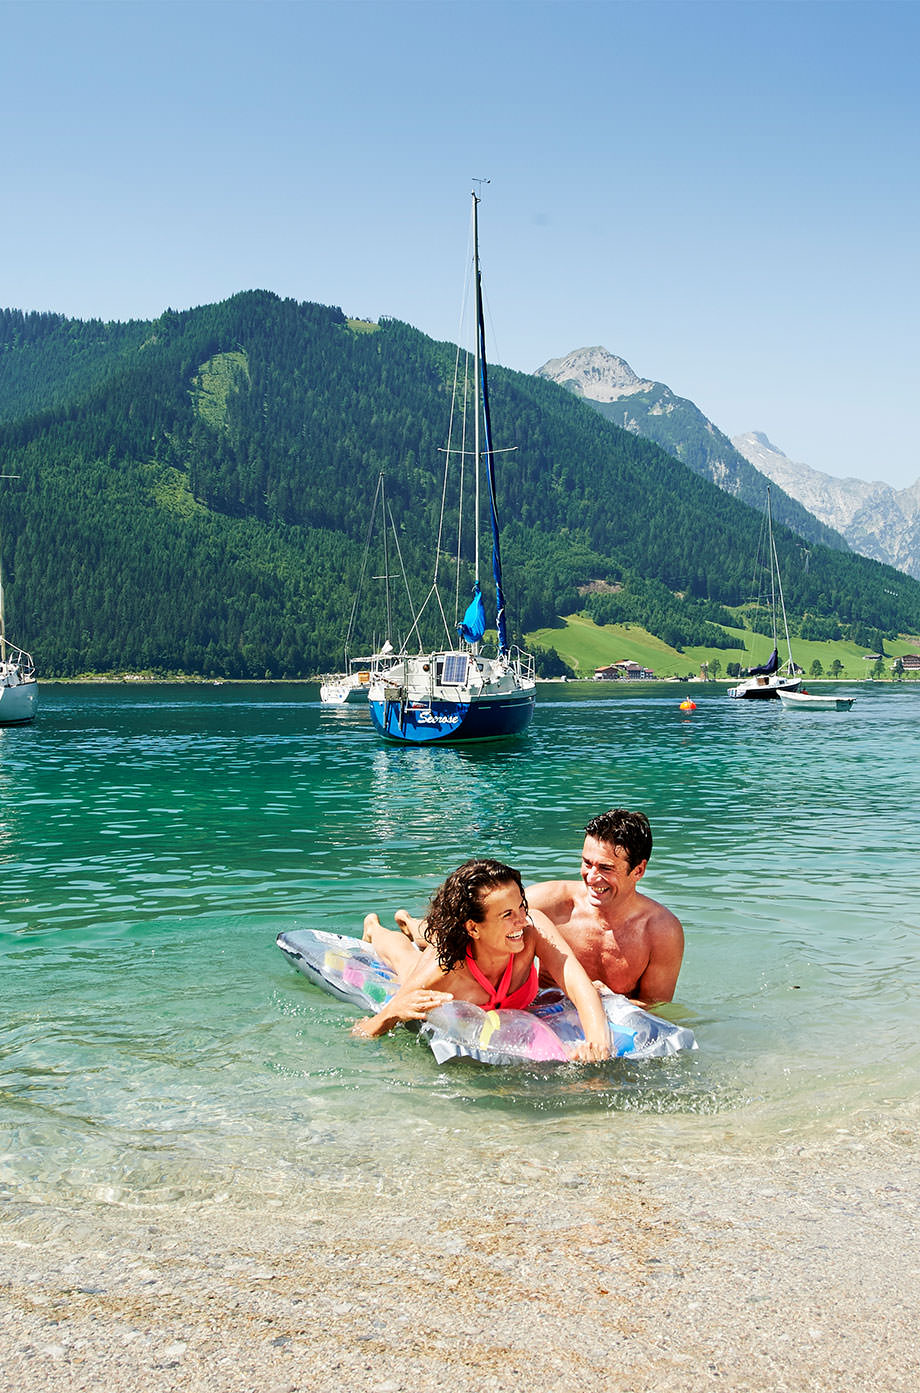 Pärchen mit Luftmatratze im See